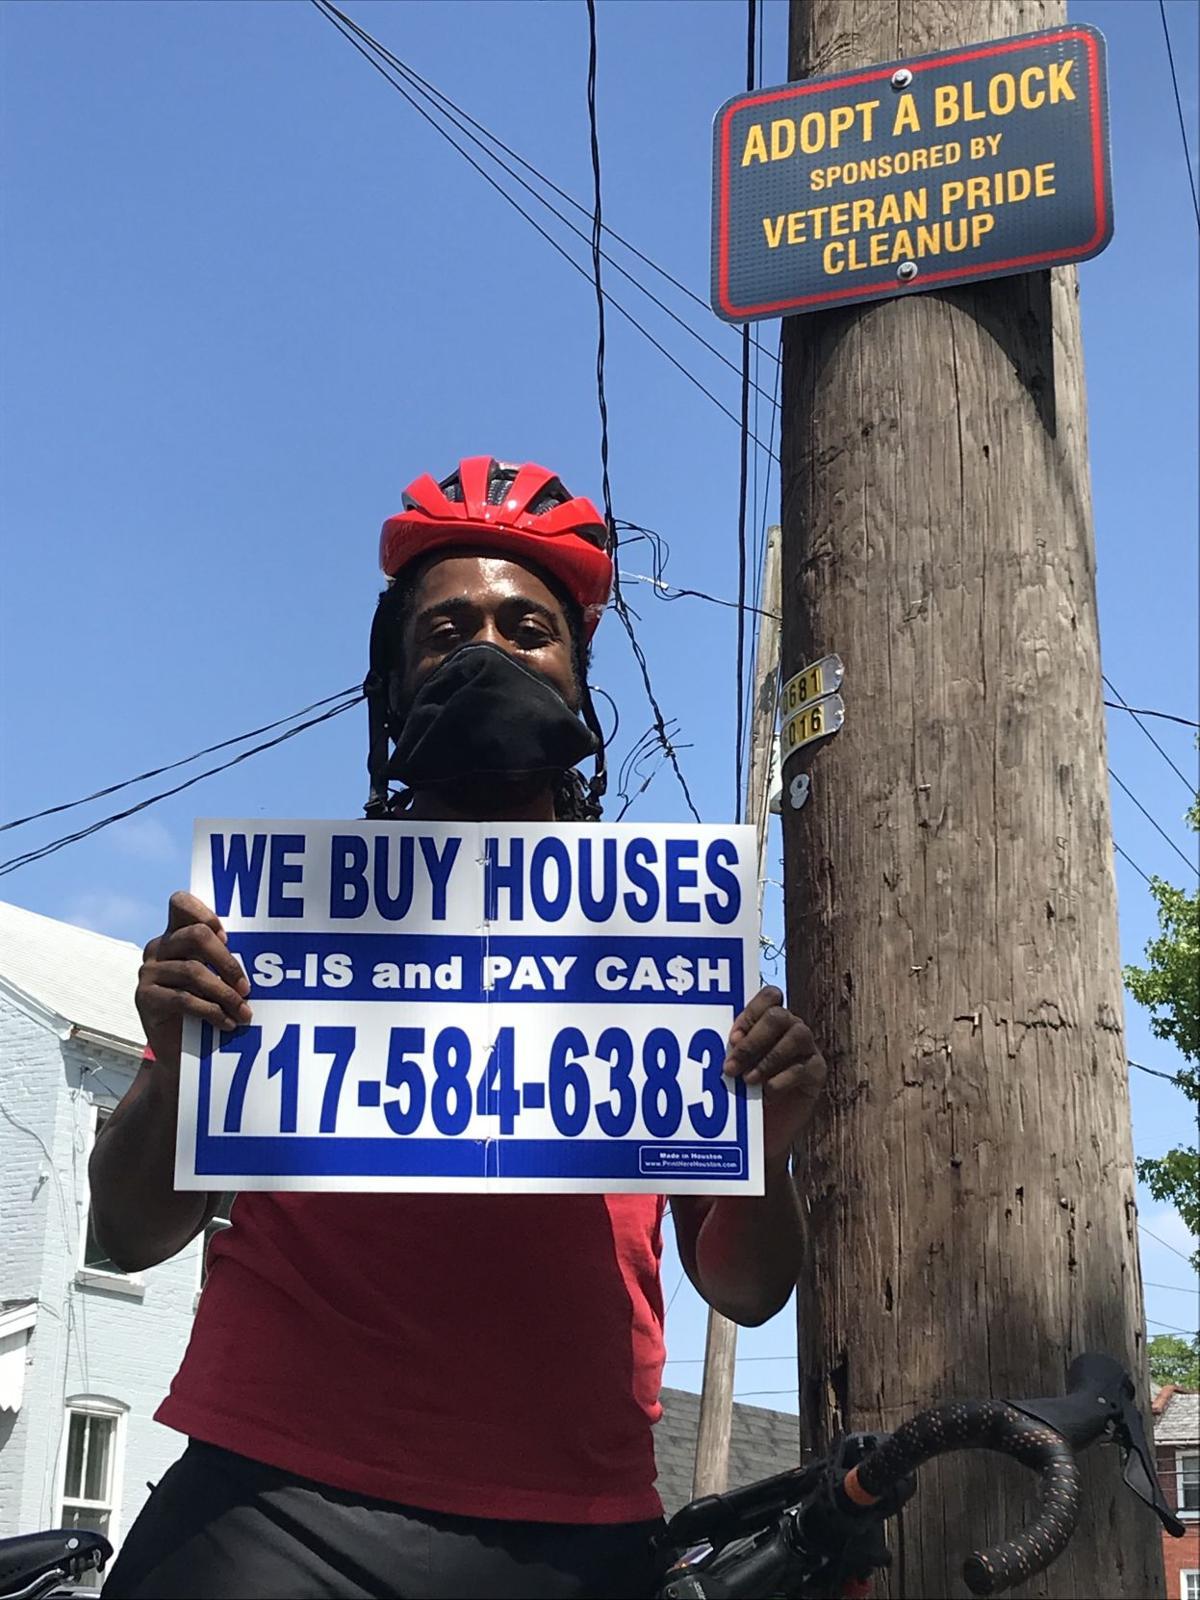 We buy houses 05262020